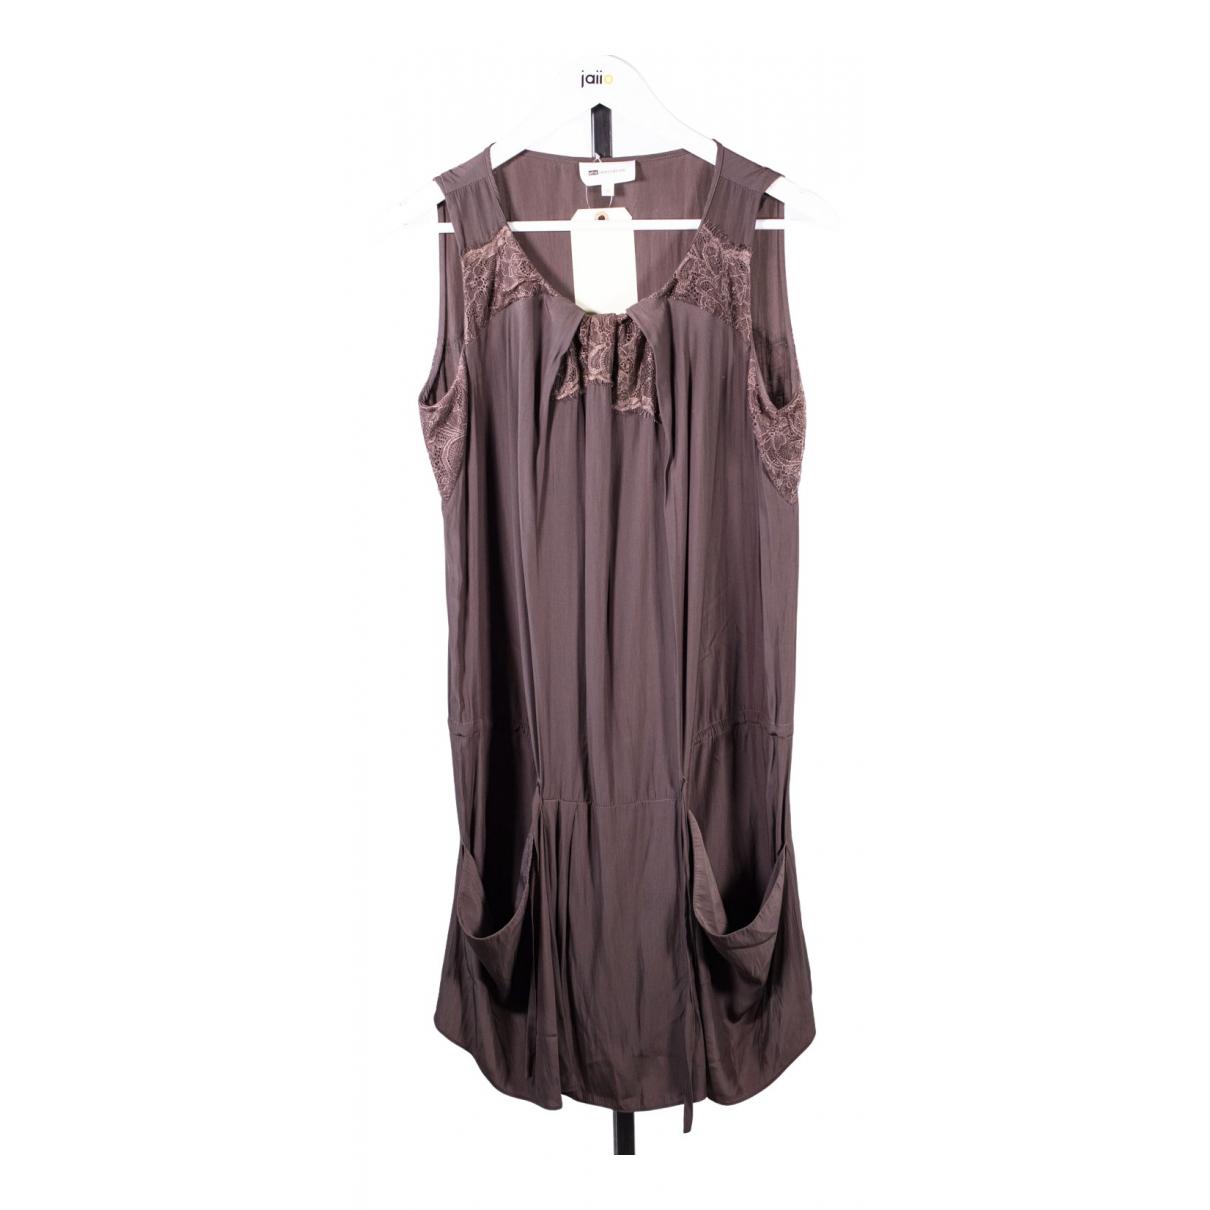 Vanessa Bruno \N Kleid in  Braun Polyester